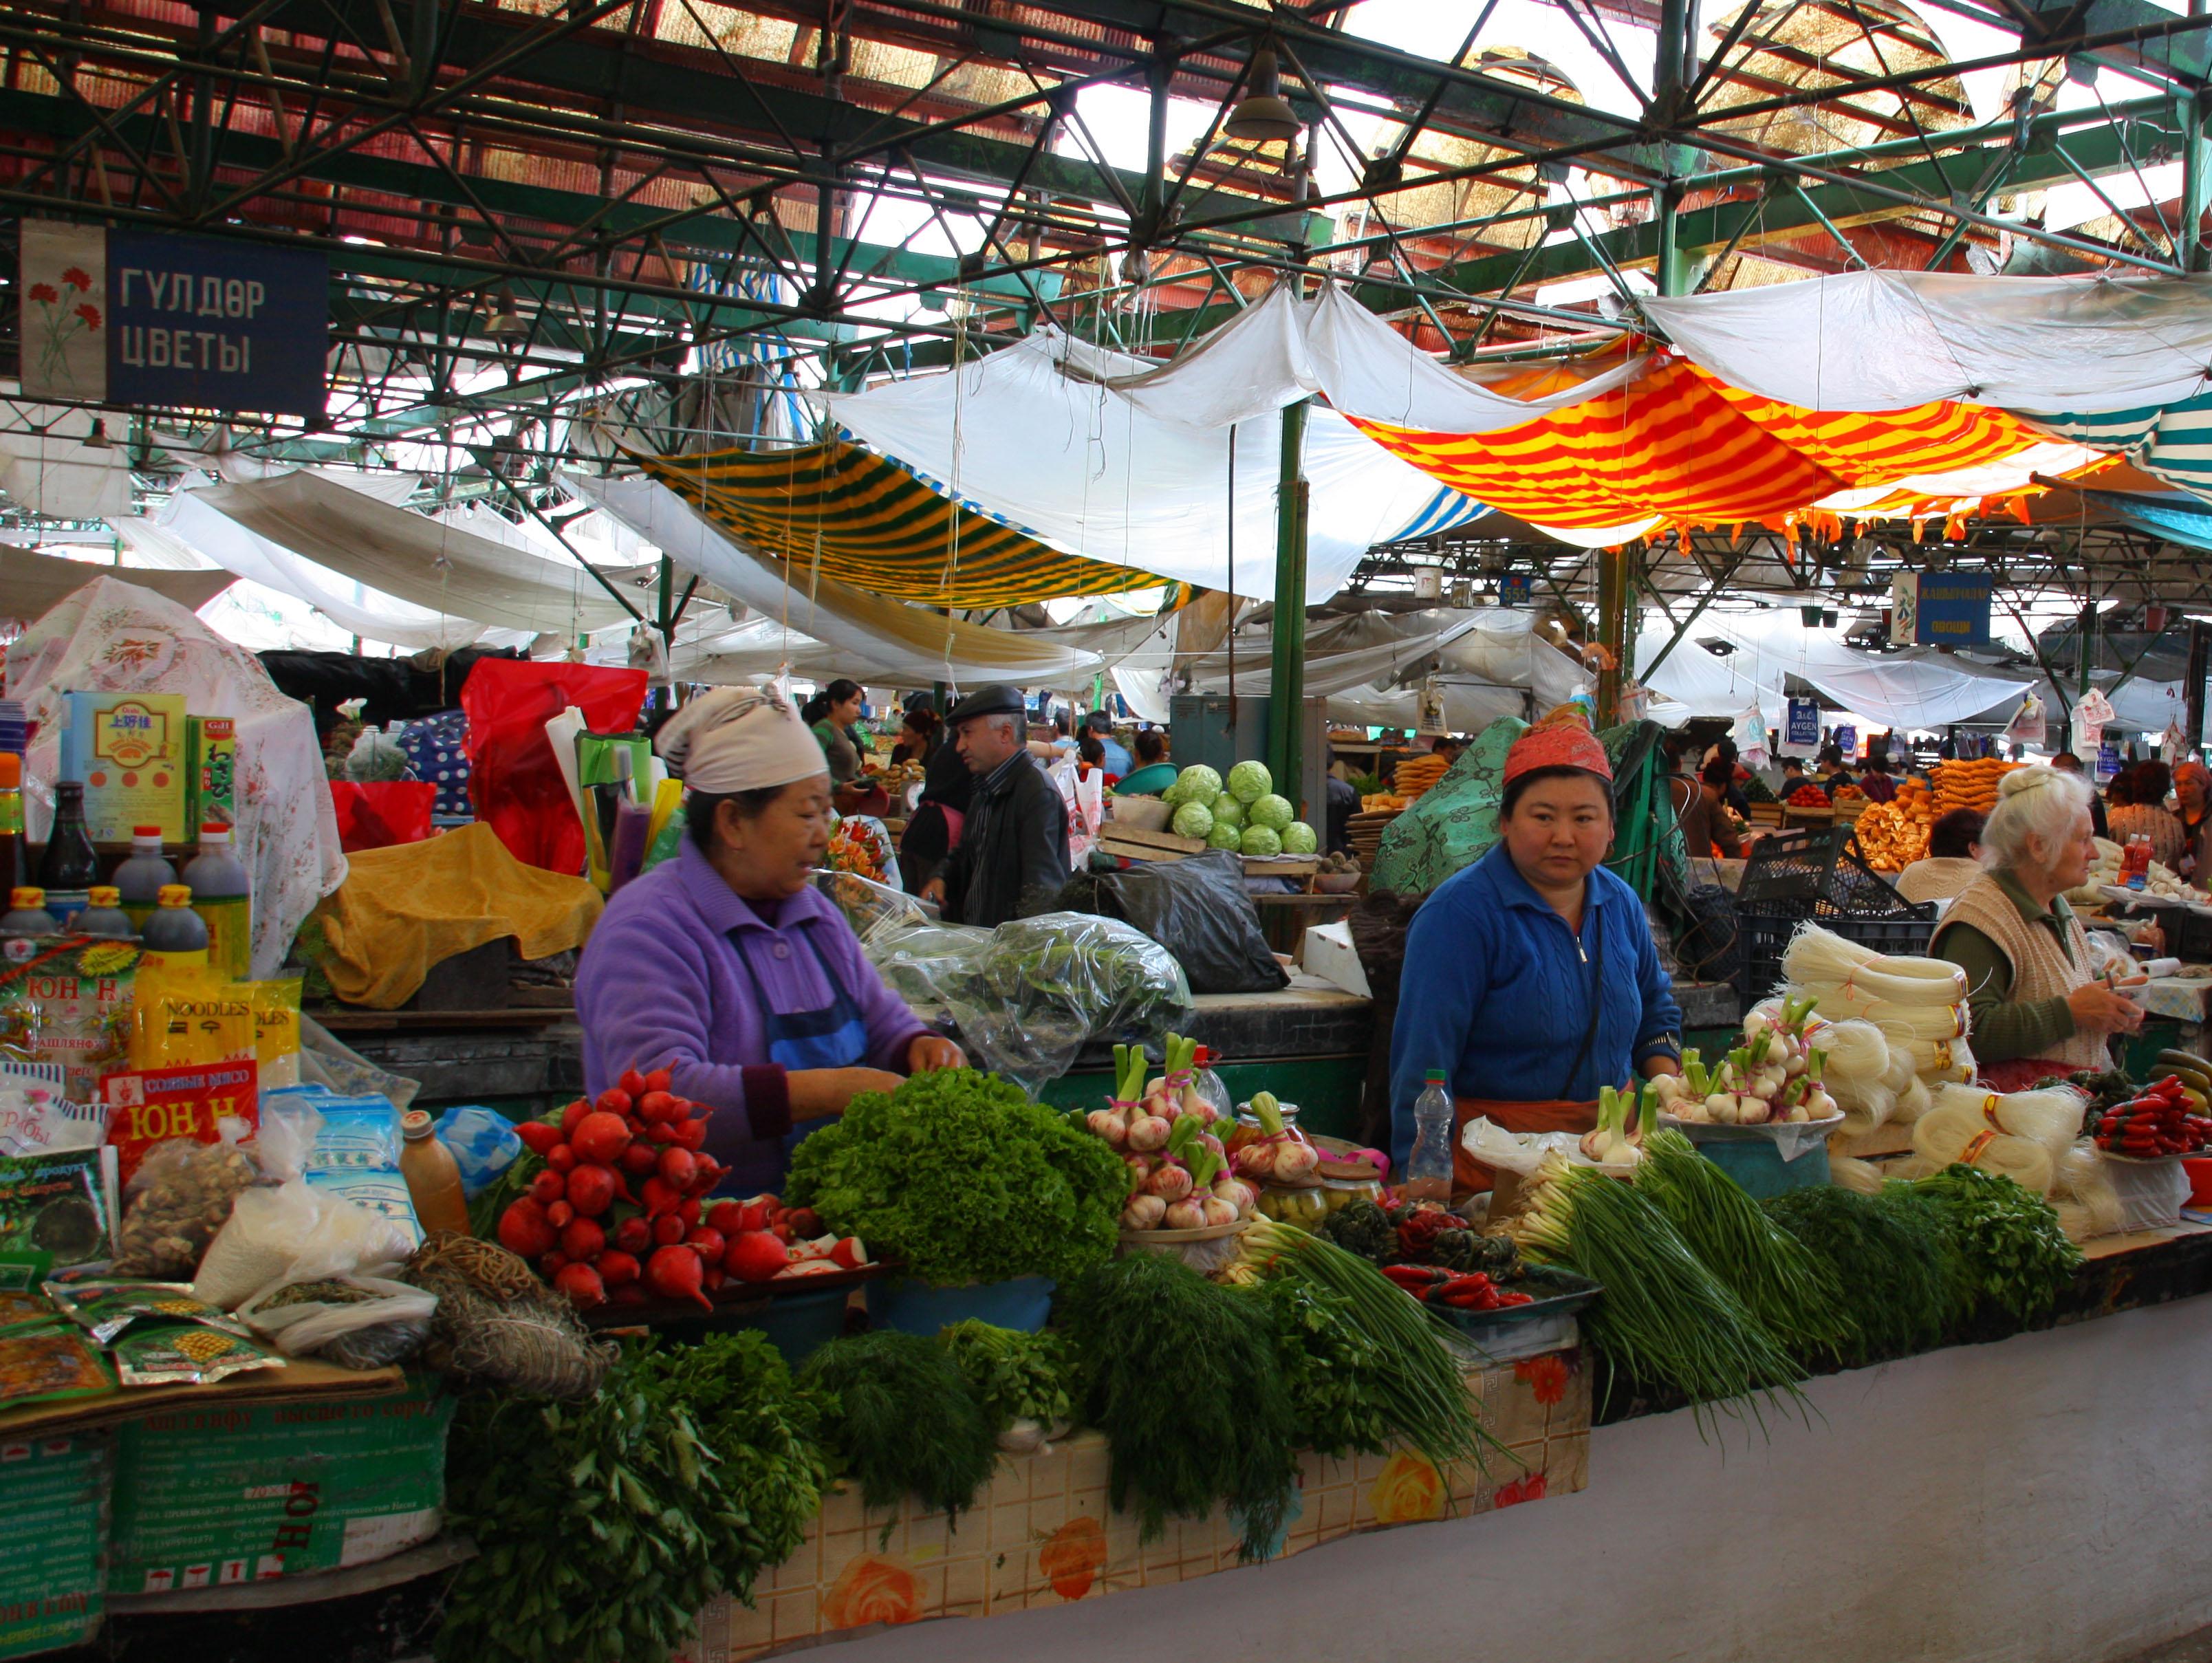 Bishkek Kyrgyzstan  city pictures gallery : Osh Bazaar in Bishkek, Kyrgyzstan Wikimedia Commons